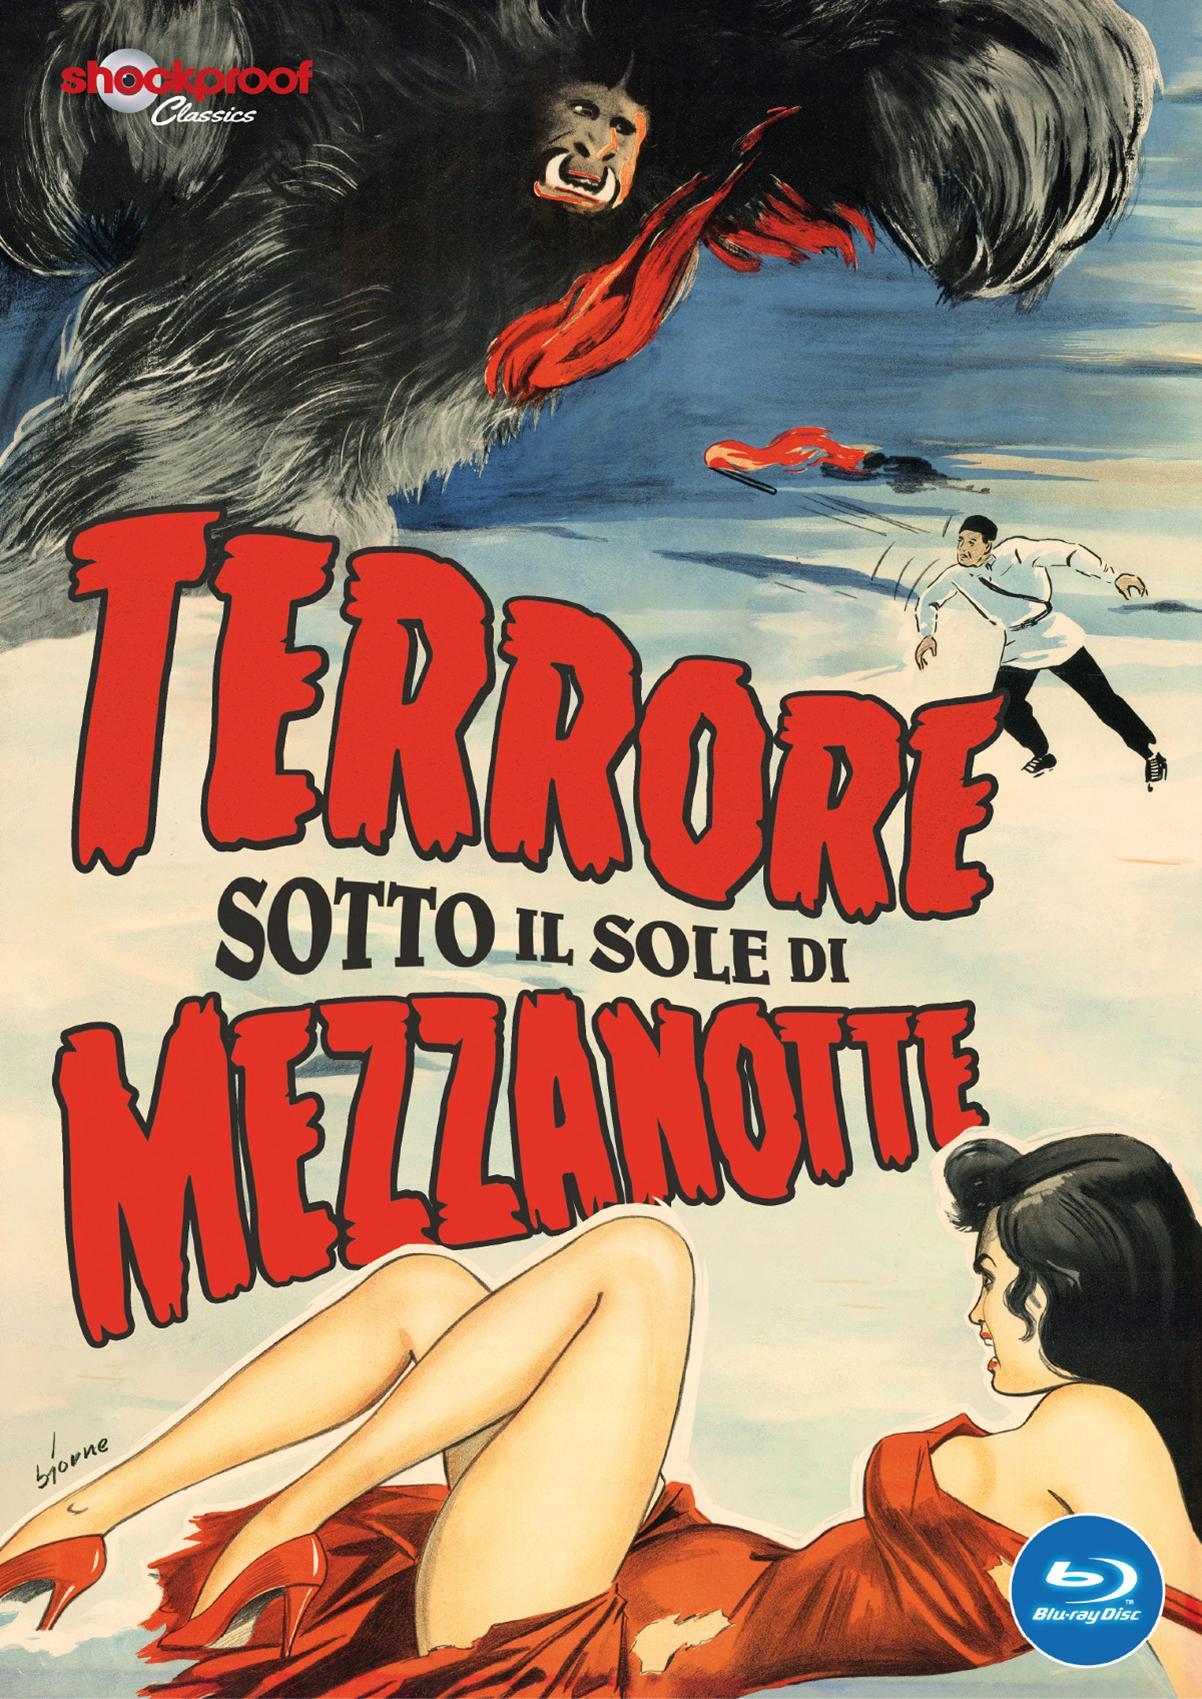 TERRORE SOTTO IL SOLE DI MEZZANOTTE BLU RAY - AUDIO INGLESE